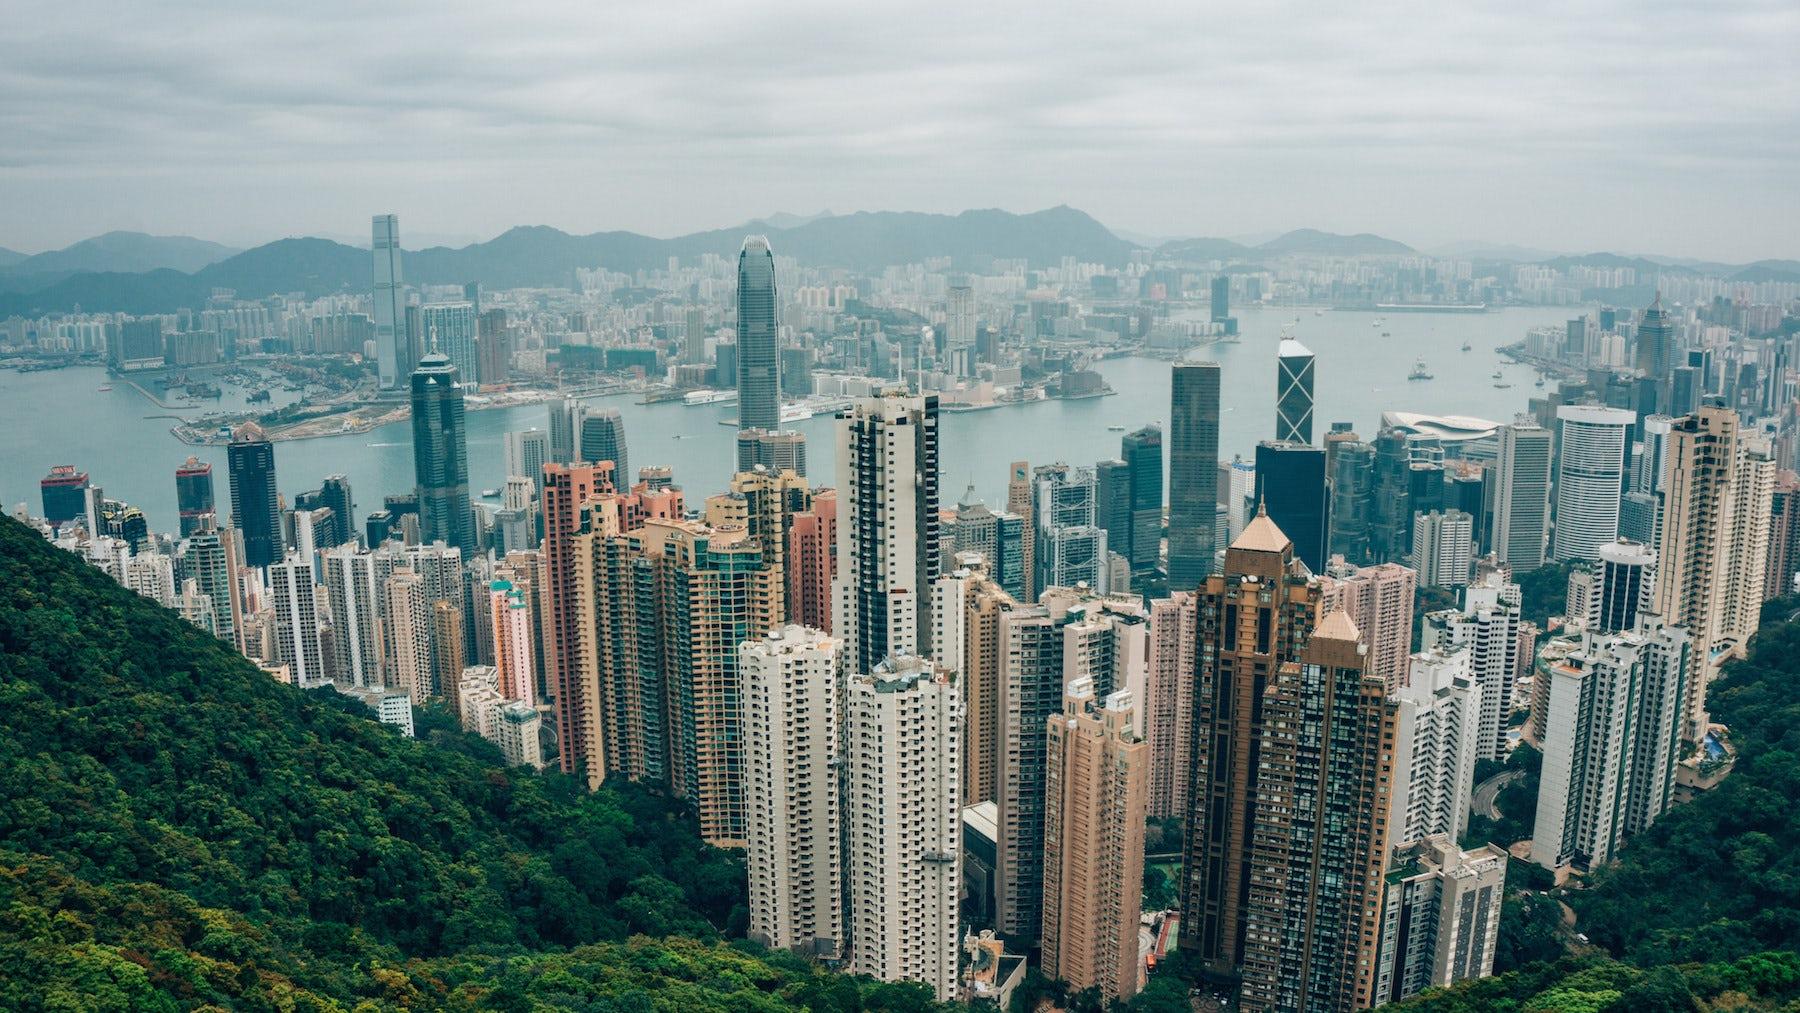 Hong Kong | Source: Shutterstock